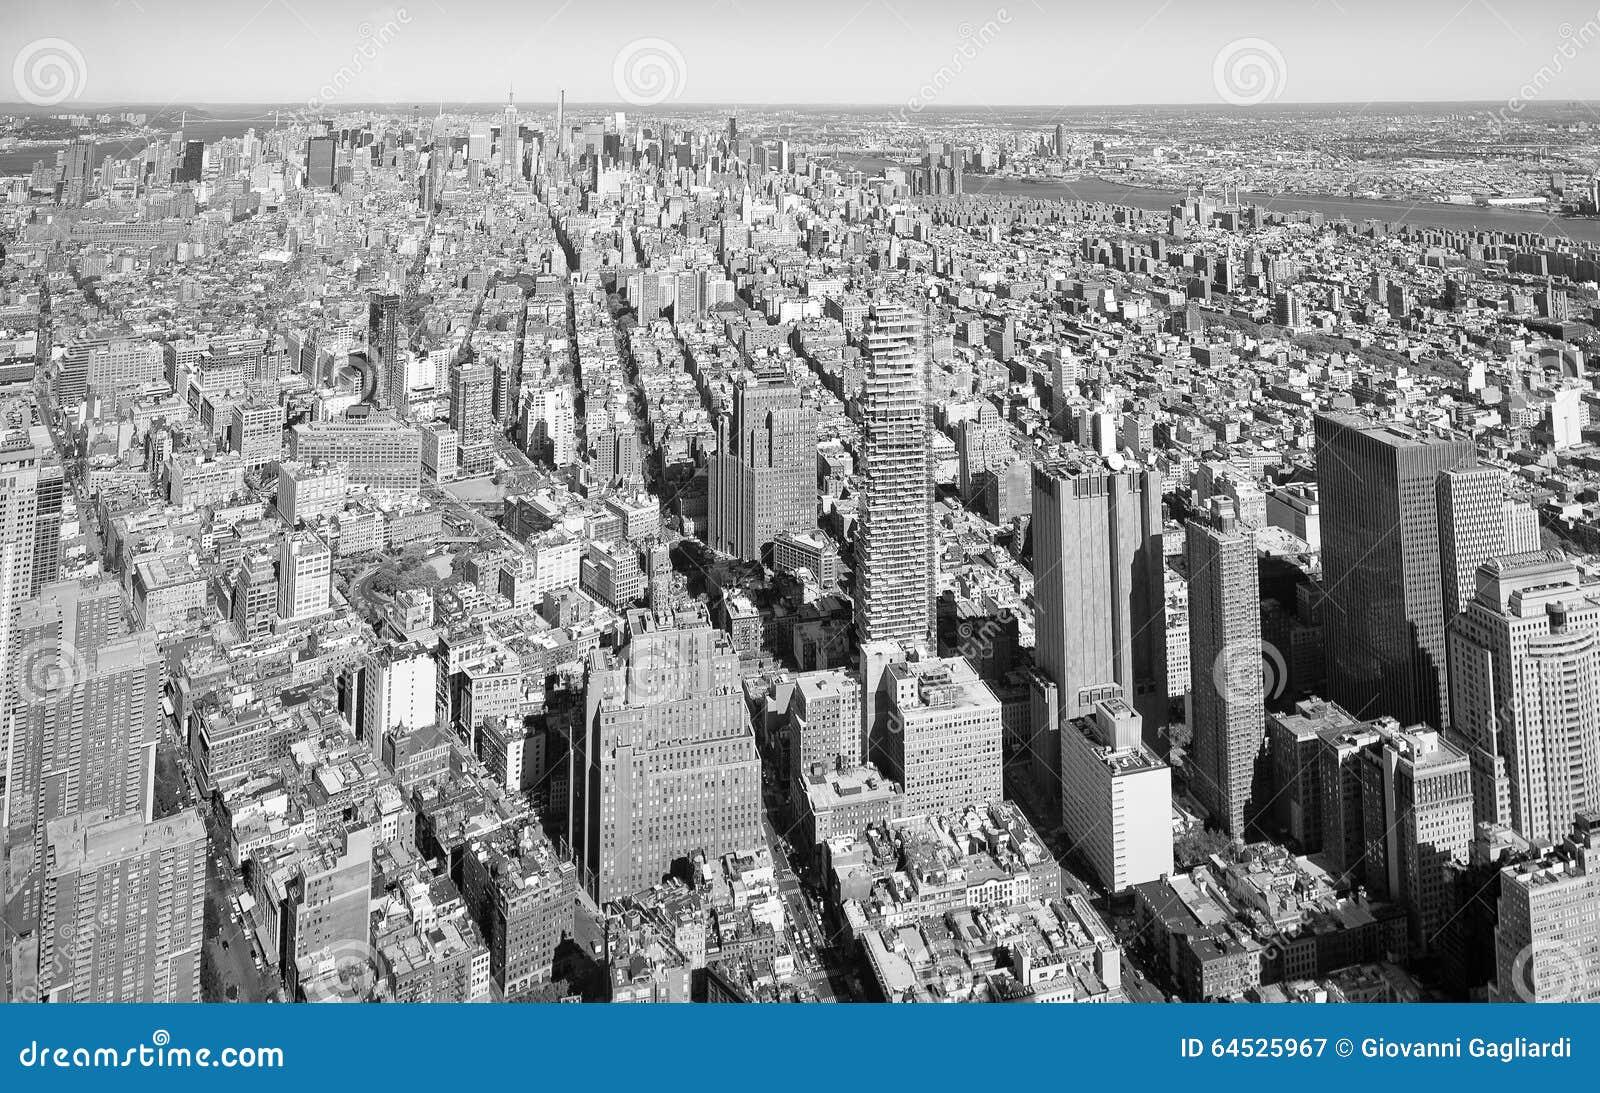 schwarzweiss skyline von manhattan new york city usa stockfoto bild 64525967. Black Bedroom Furniture Sets. Home Design Ideas